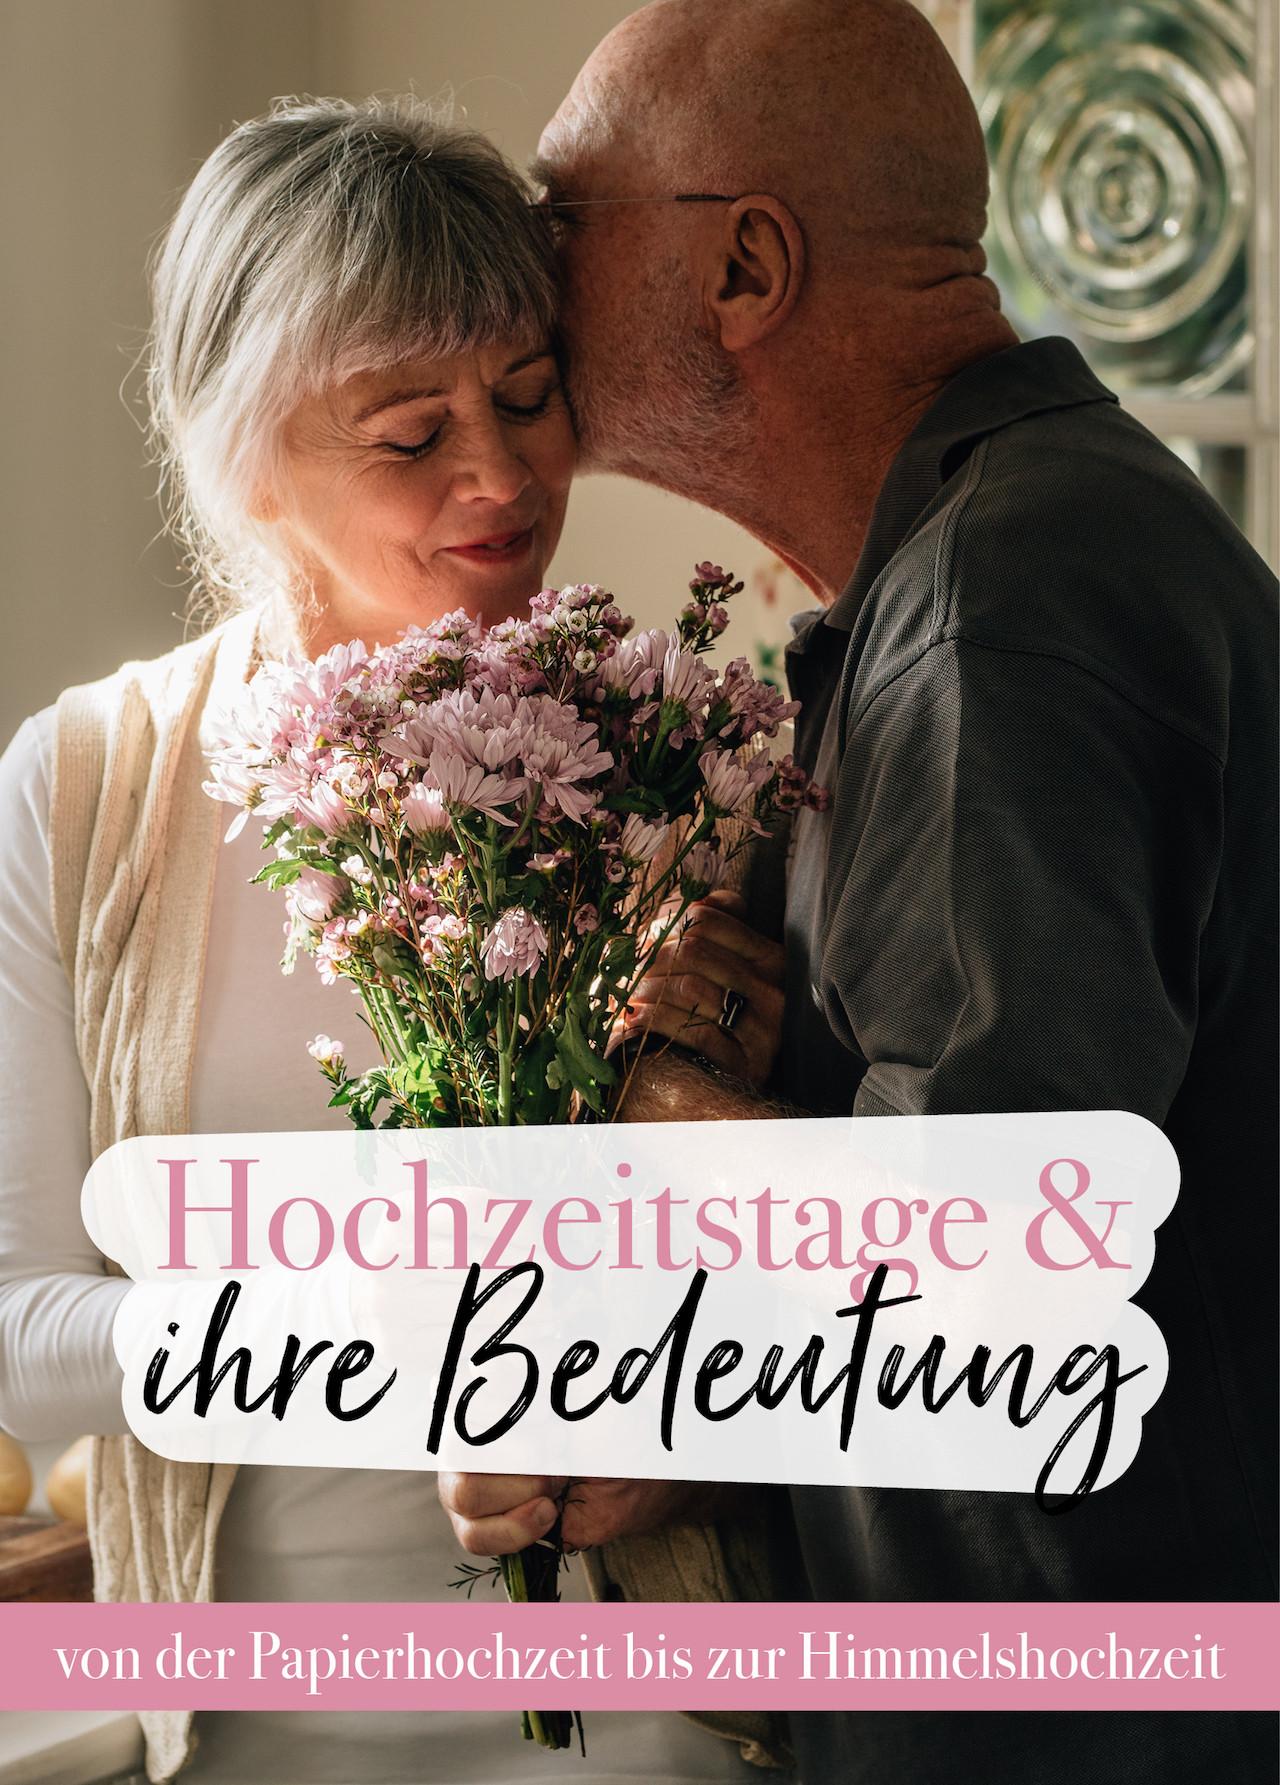 Hochzeitstage und ihre Bedeutung